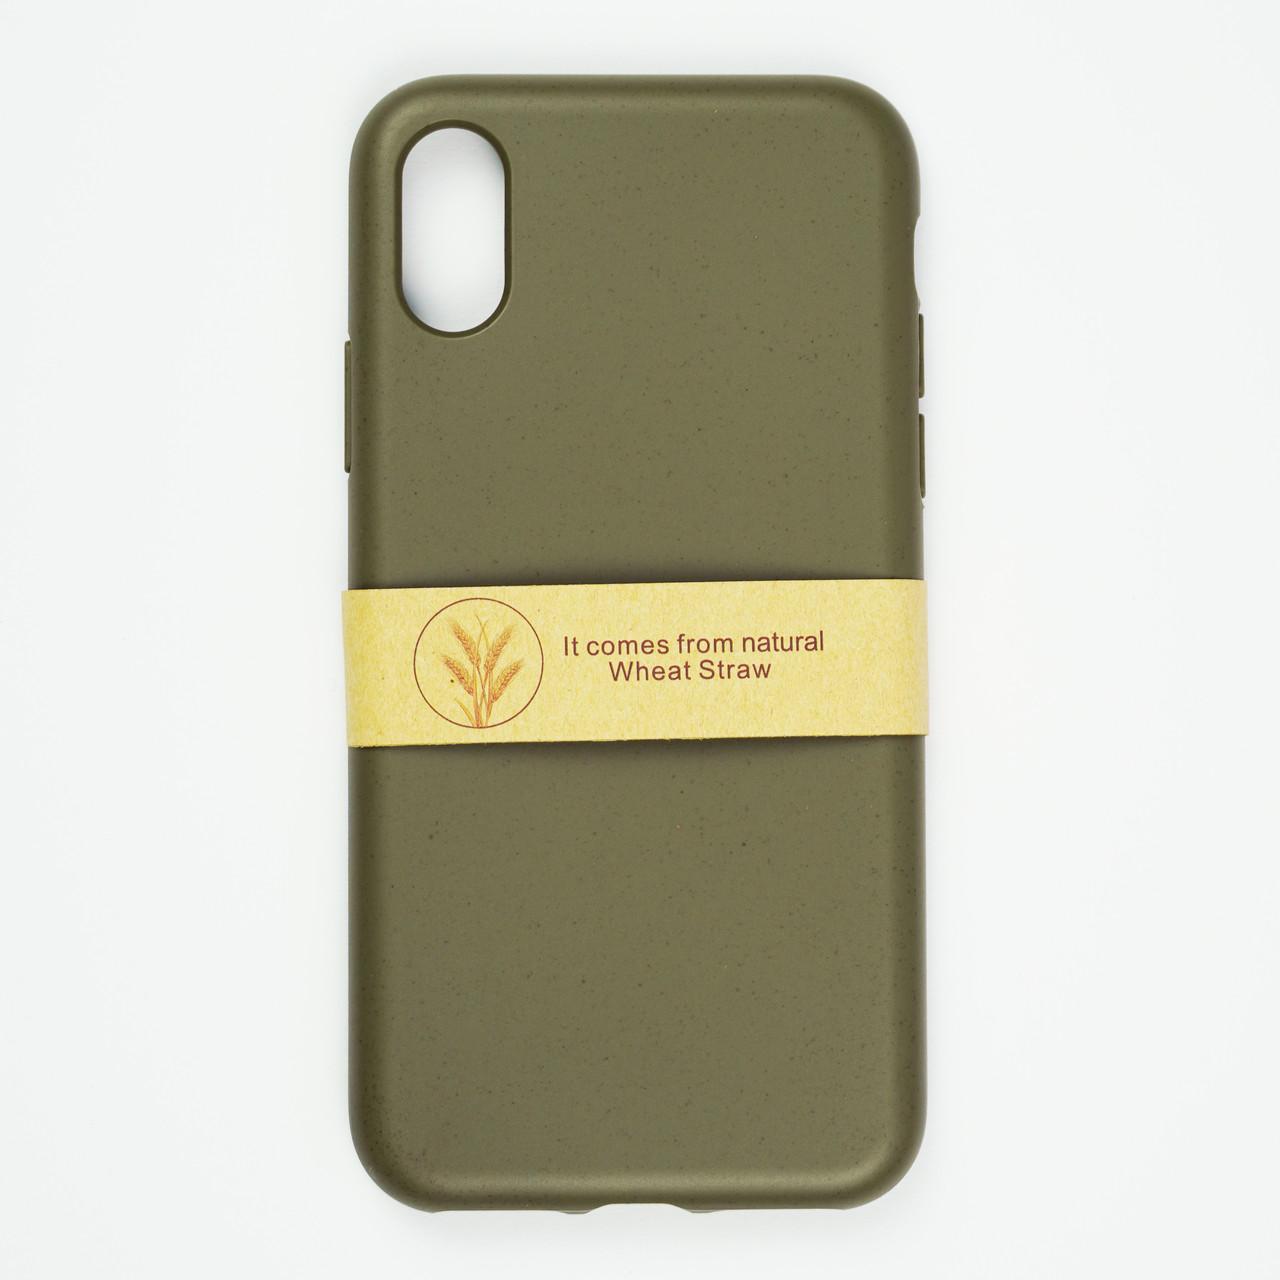 Биоразлагаемый чехол ECO Wheat Straw для iPhone X / Xs Green